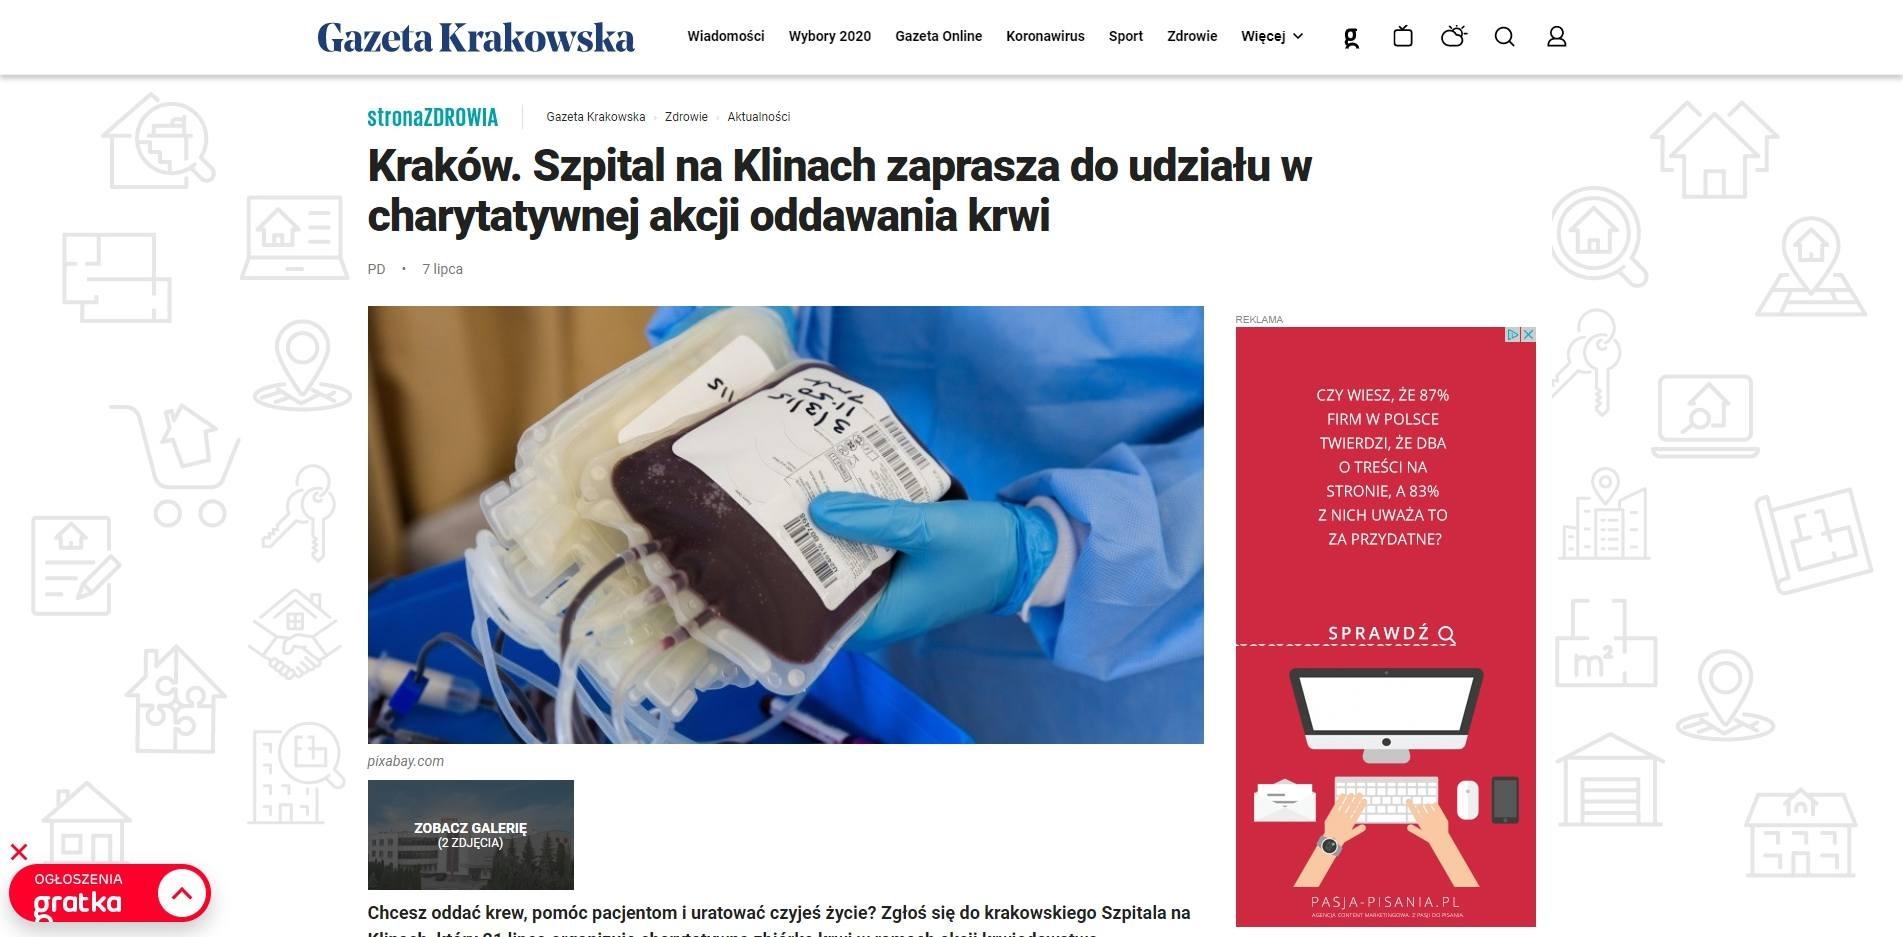 krakow szpital na klinach zaprasza do udzialu w charytatywnej akcji oddawania krwi